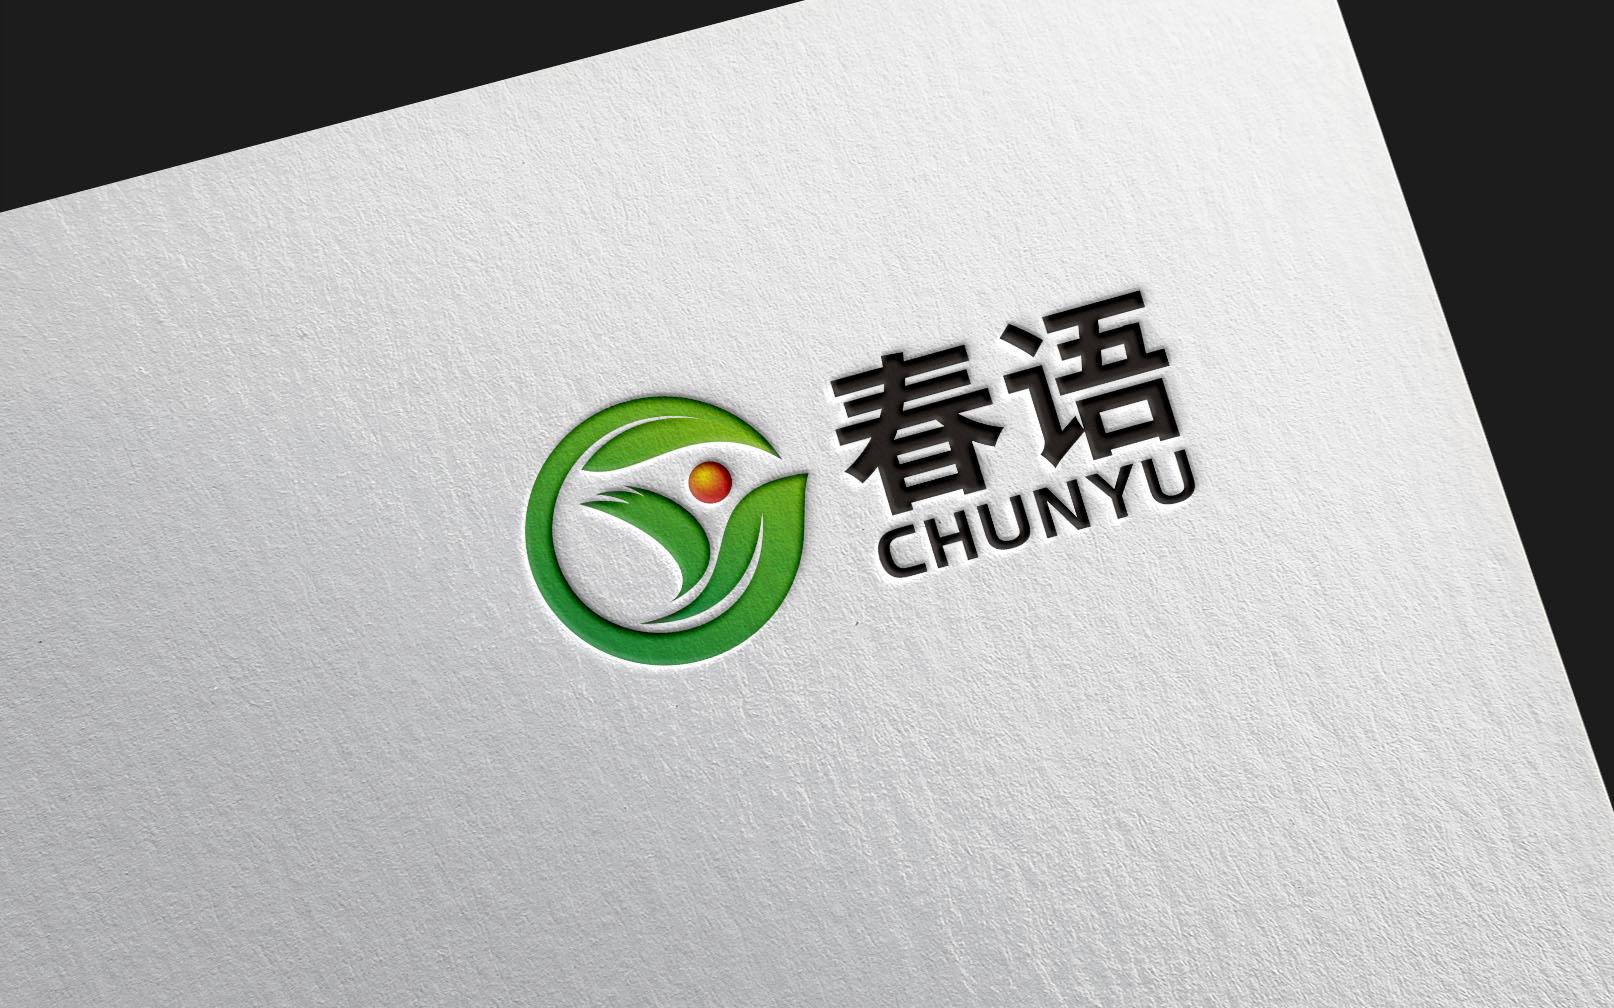 公司品牌logo_3034737_k68威客网